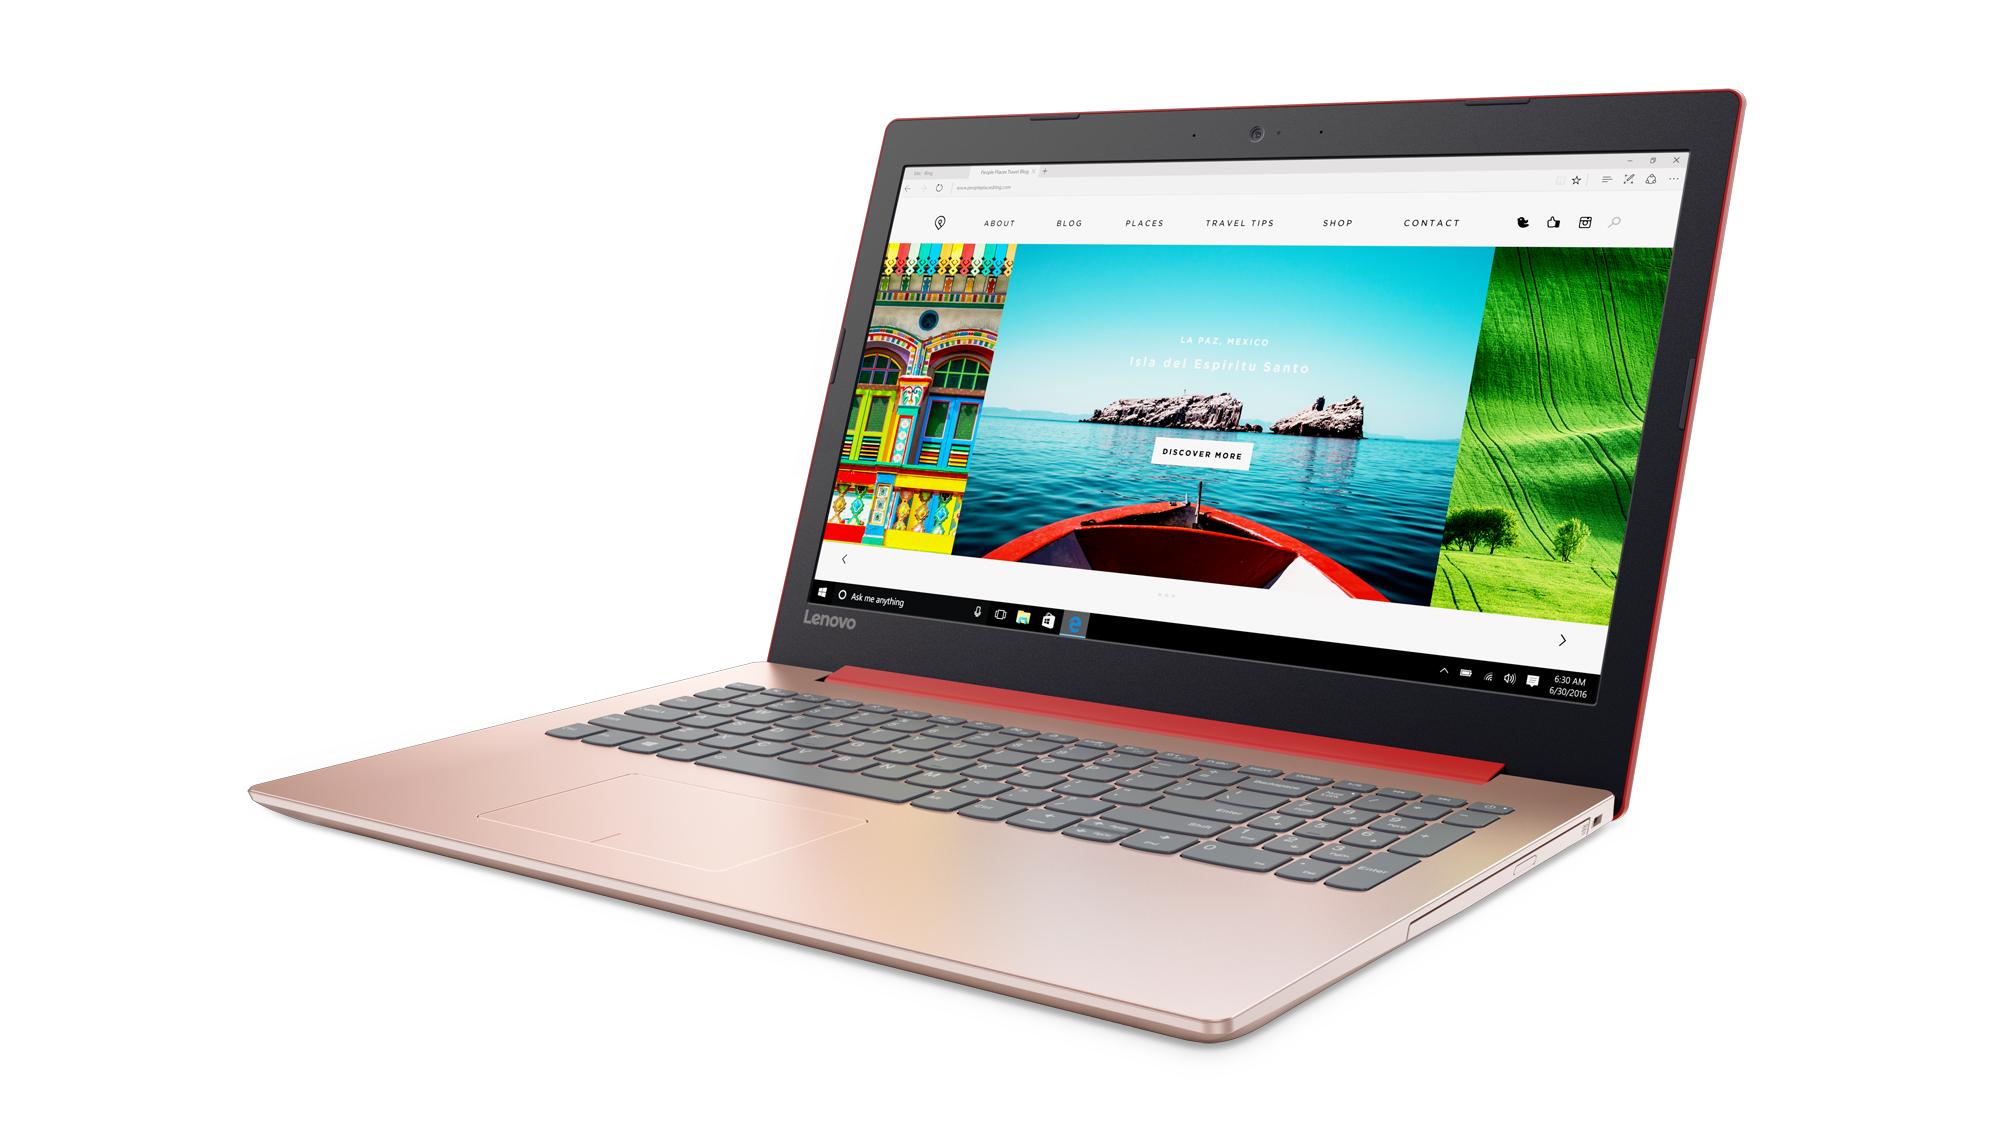 Lenovo IdeaPad 320 15.6 FHD TN AG/A9-9420/8G/1TB/AMD2G/W10H/Červená